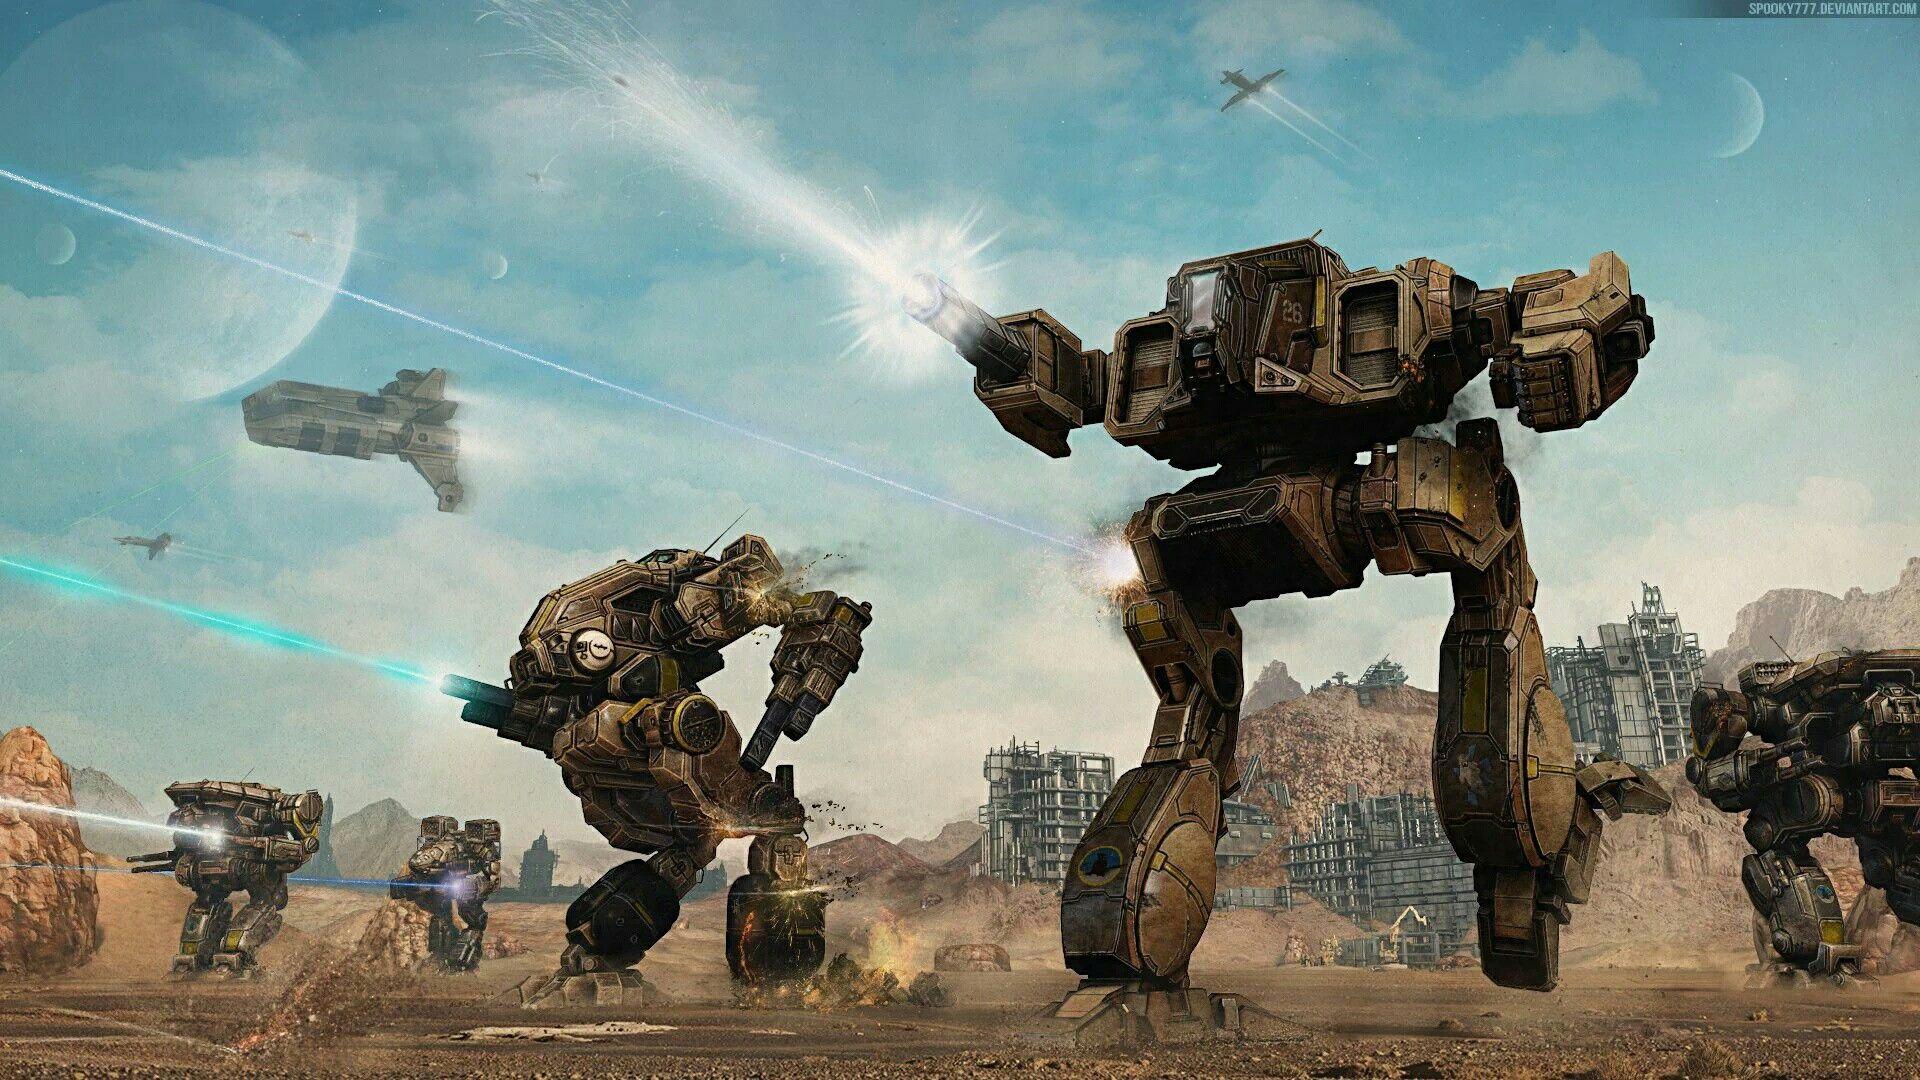 Clan Star Advancing Mechwarrior Battletech Smokejaguar Big Robots Mech War Machine